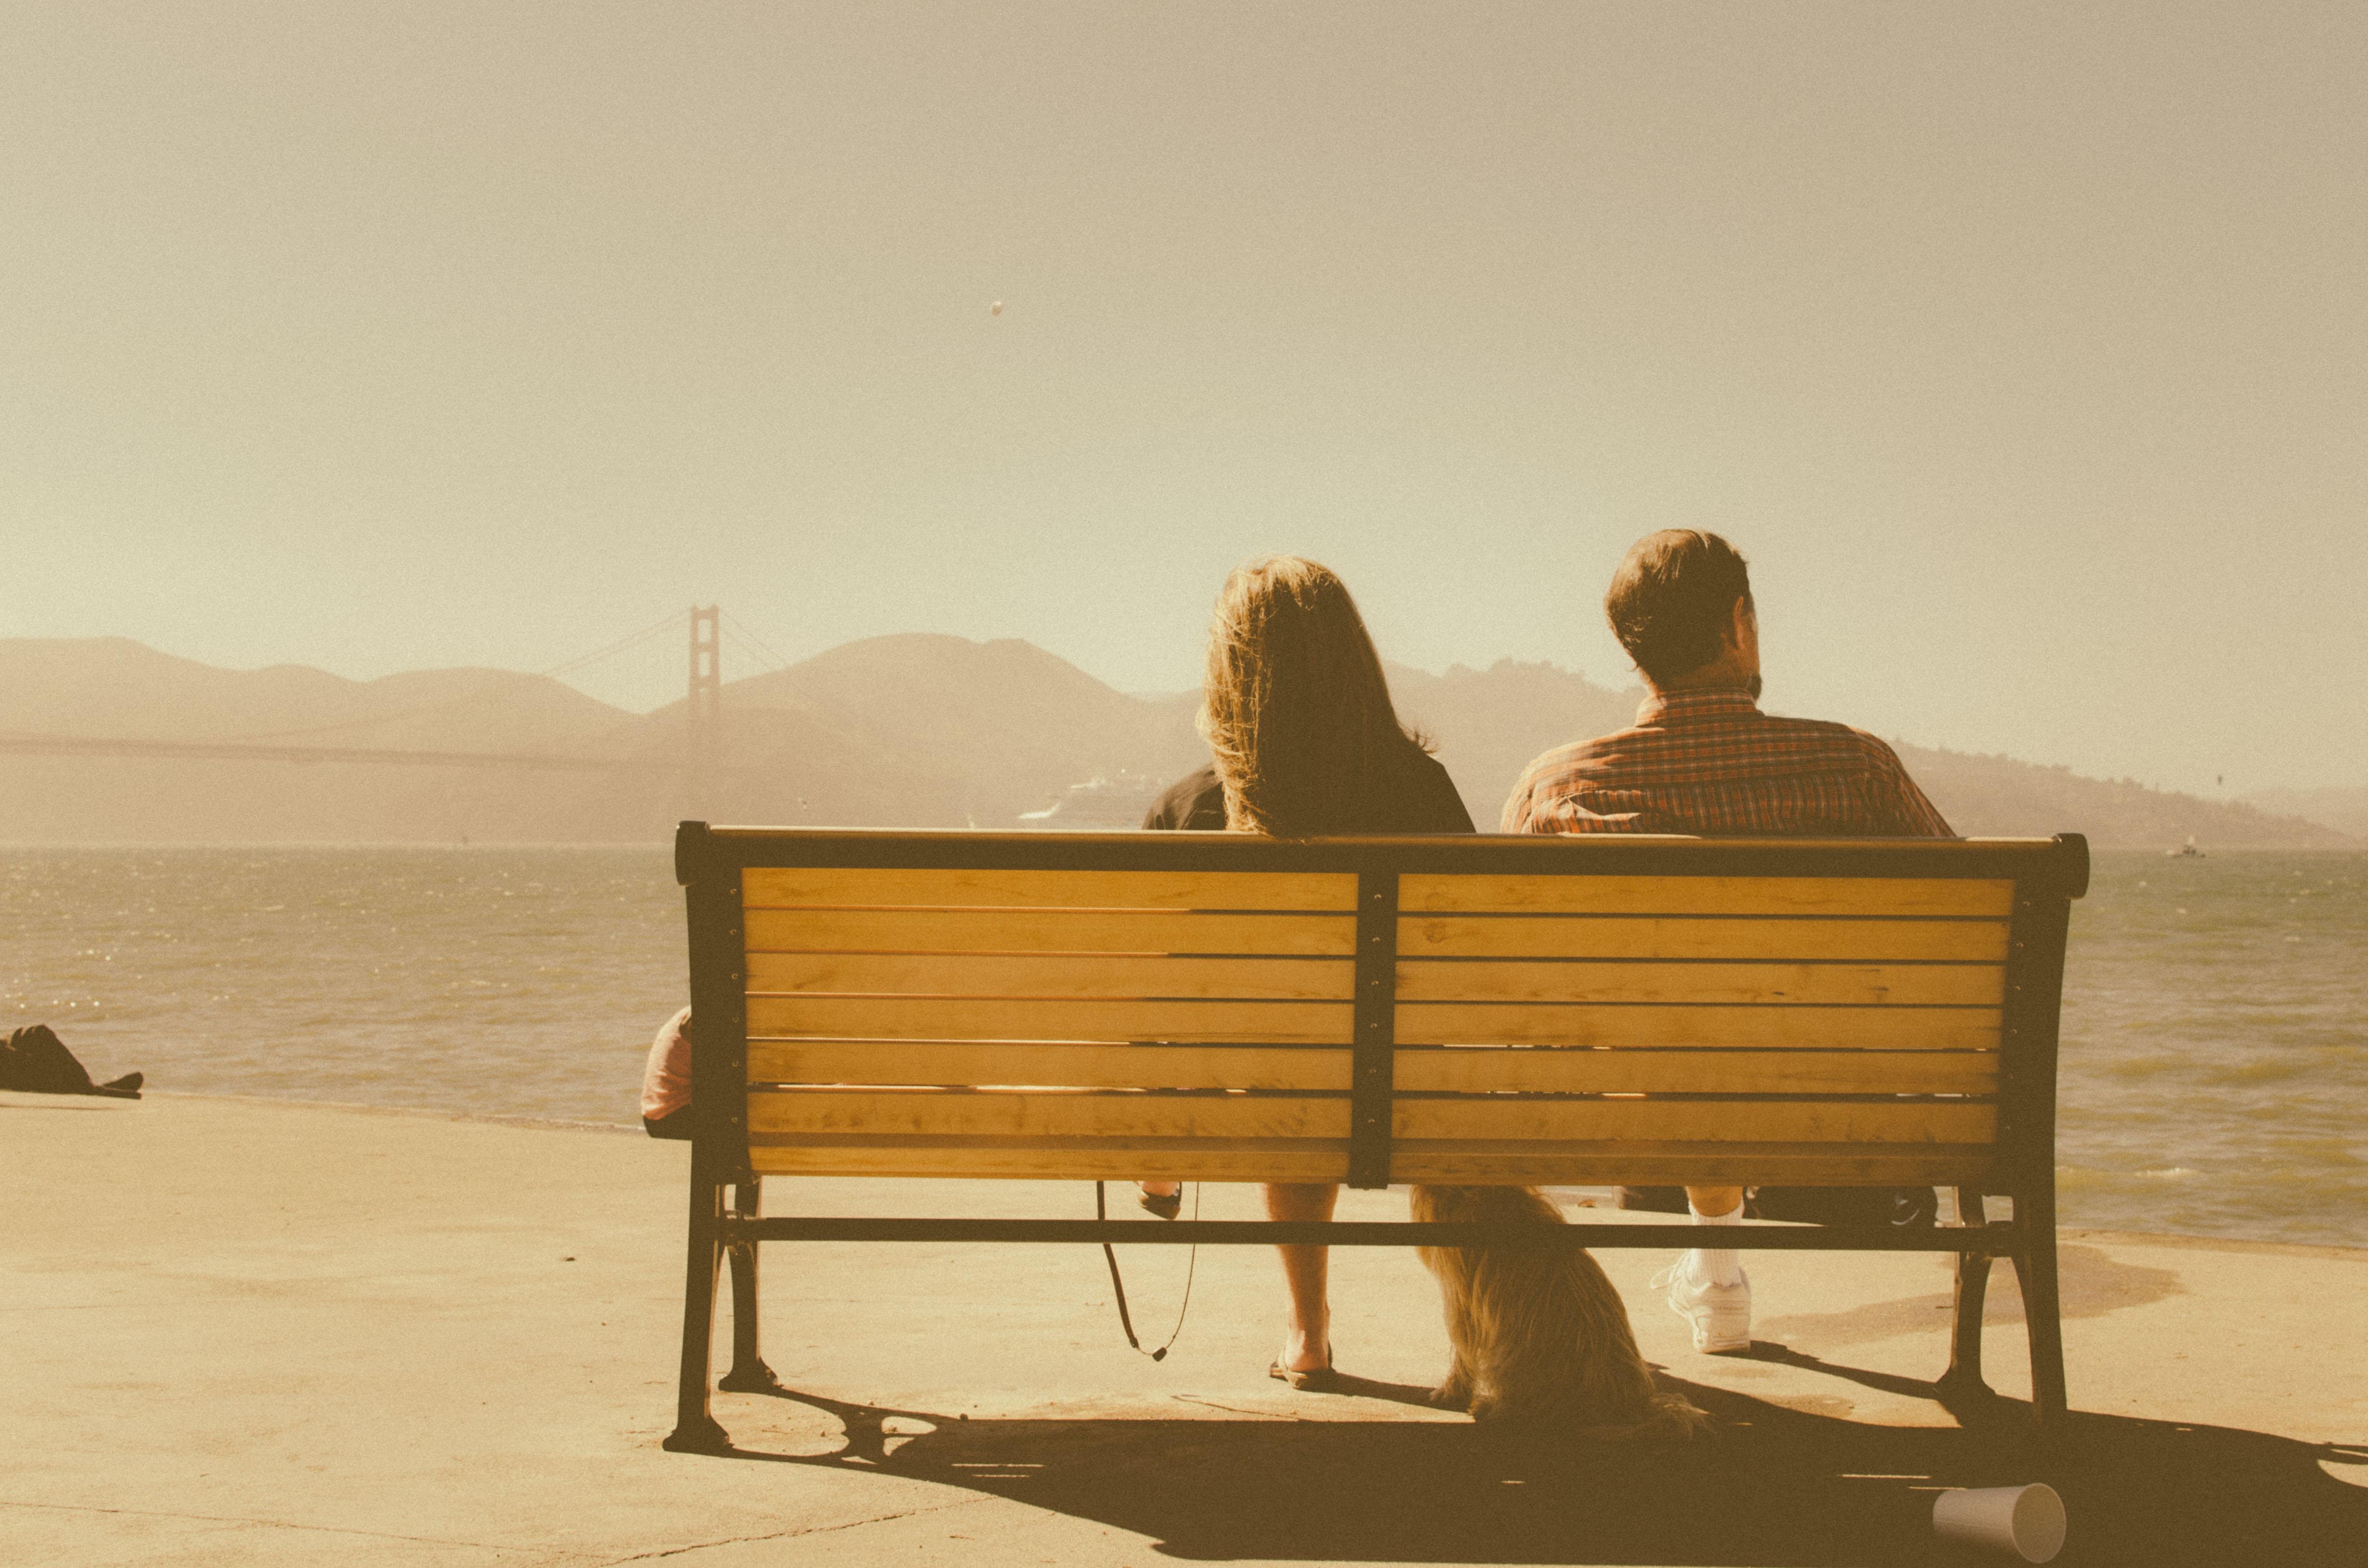 Free Images : man, table, sea, ocean, people, wood, woman